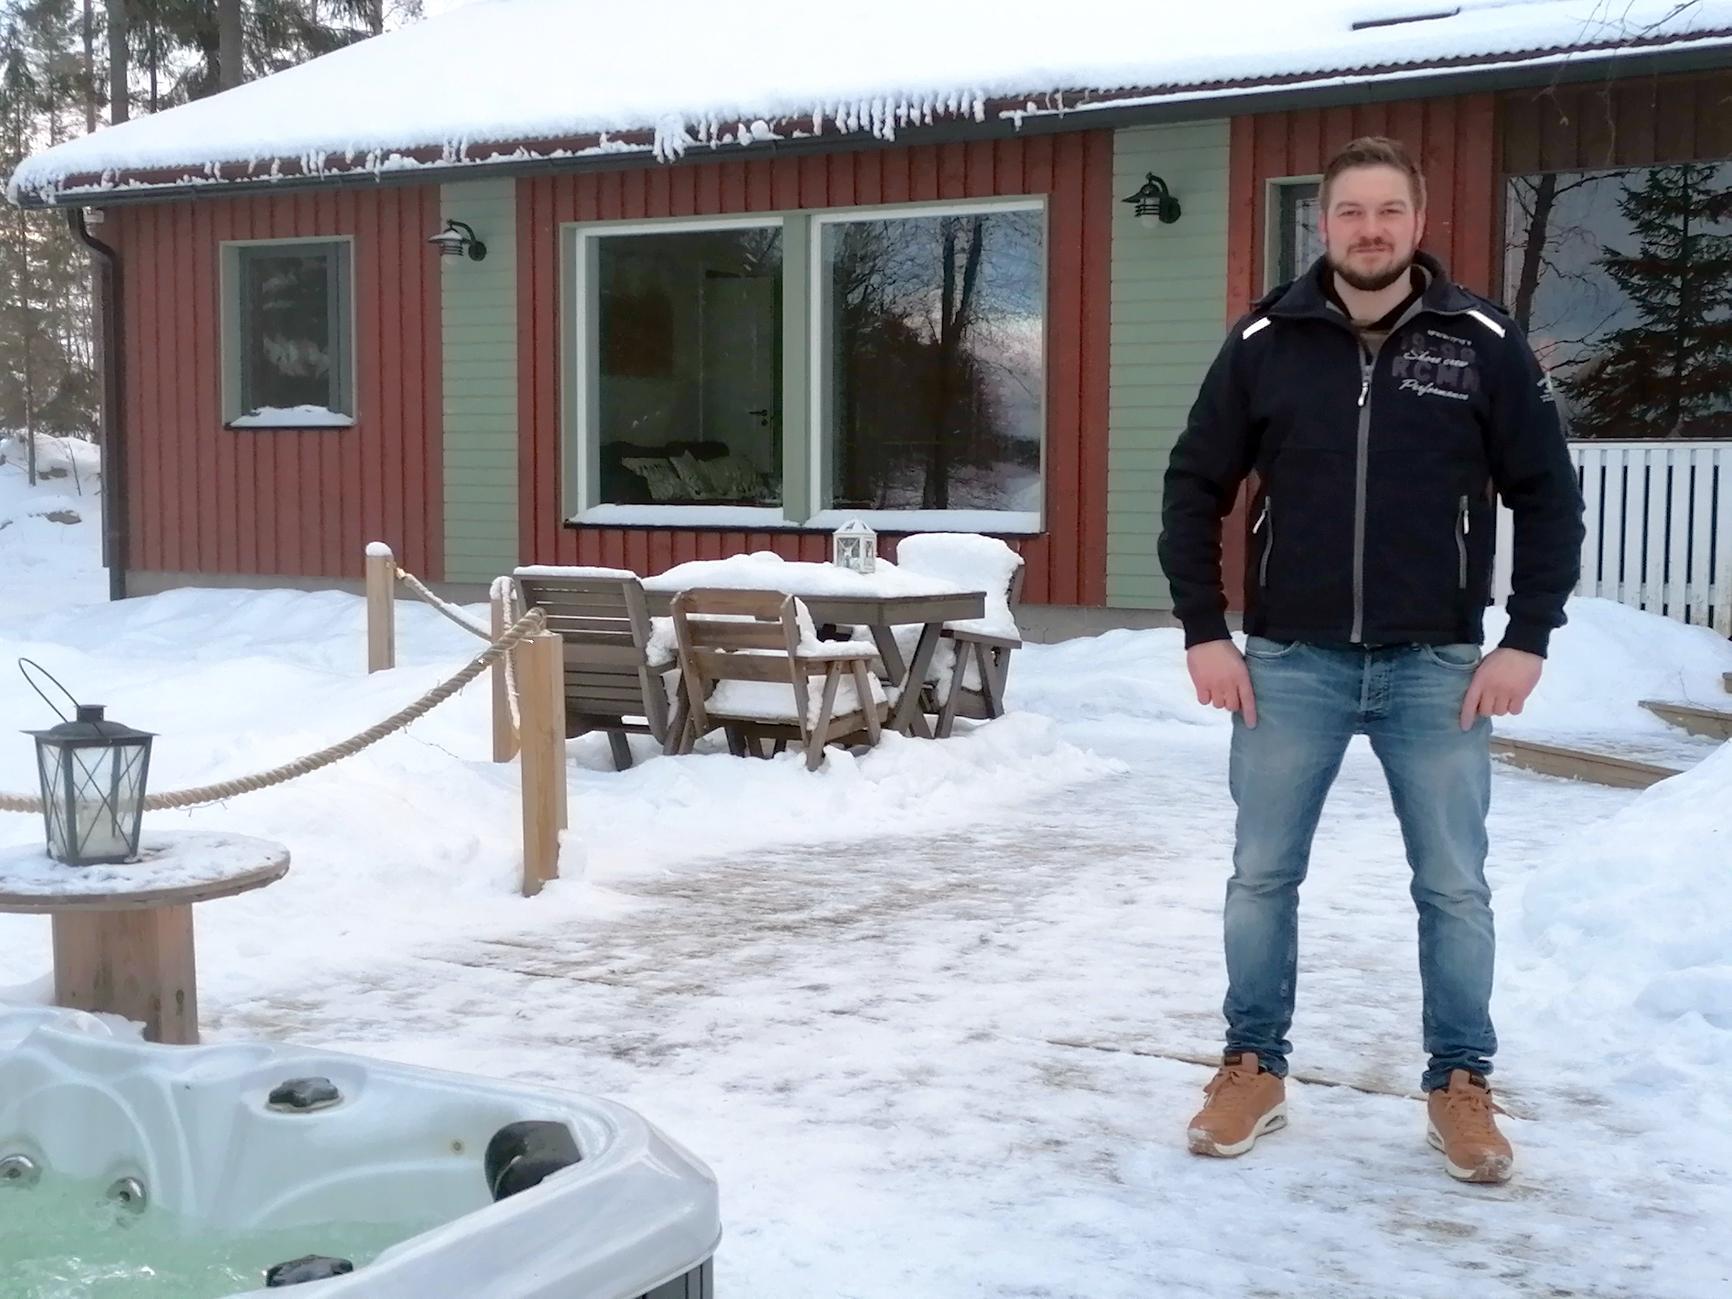 Aku Niemi vuokraa viittä mökkiä Kuohenmaassa. Kuva: Aku Niemen kotialbumi